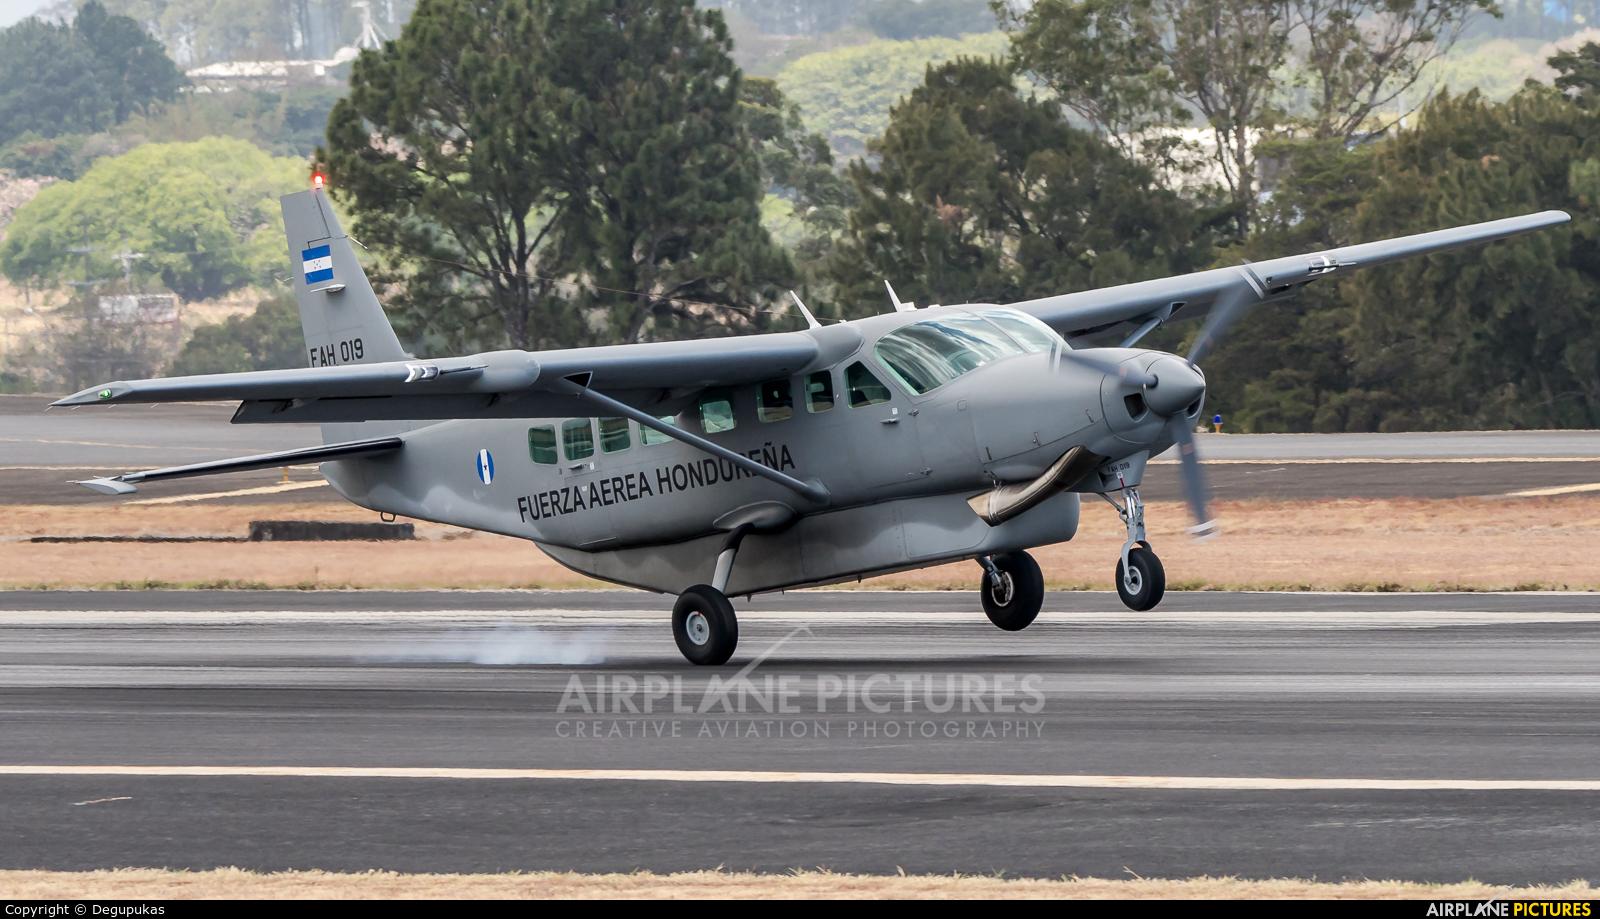 Honduras - Air Force FAH-019 aircraft at San Jose - Juan Santamaría Intl